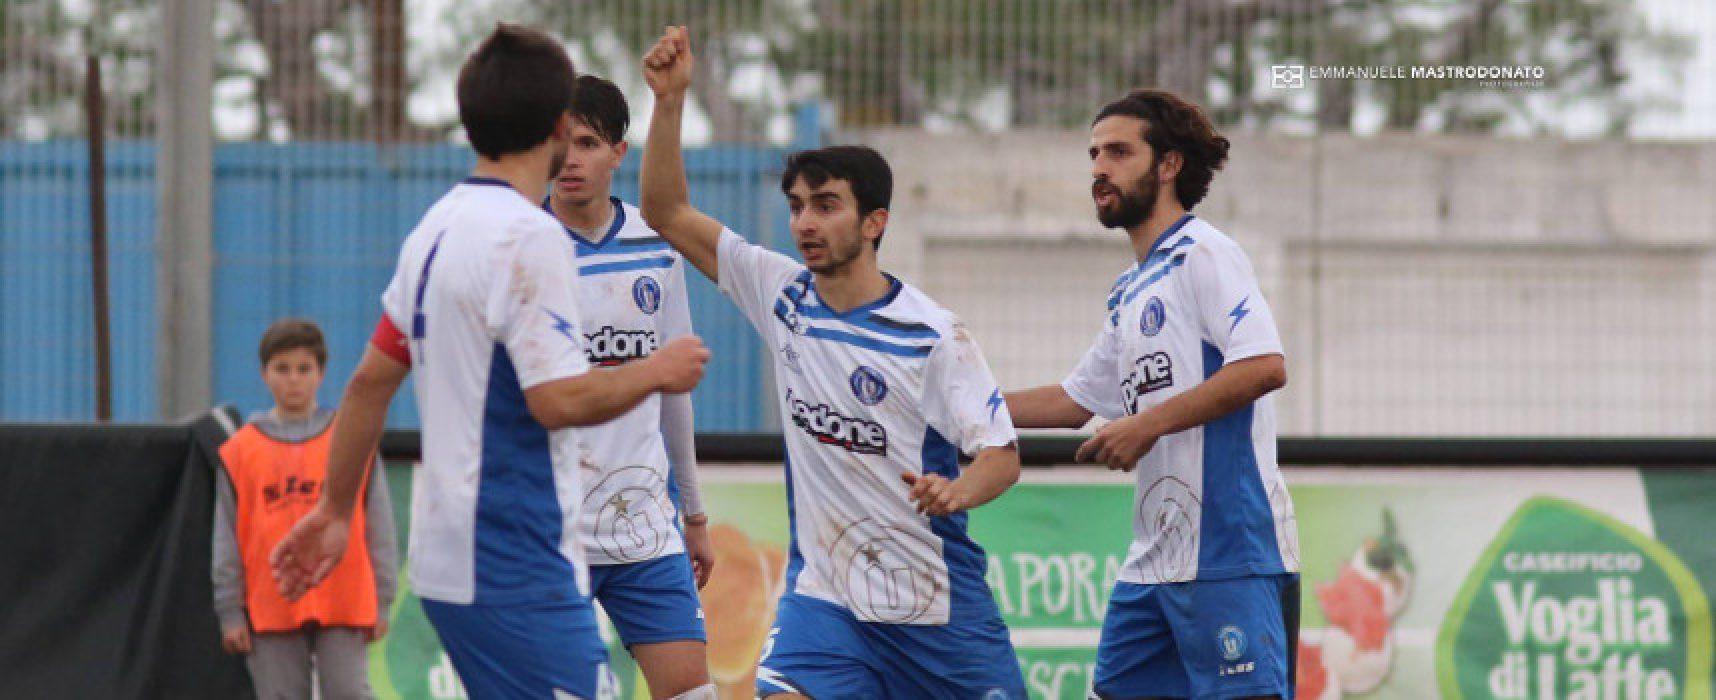 L'Unione Calcio non riesce nell'aggancio, contro l'Otranto è solo pari